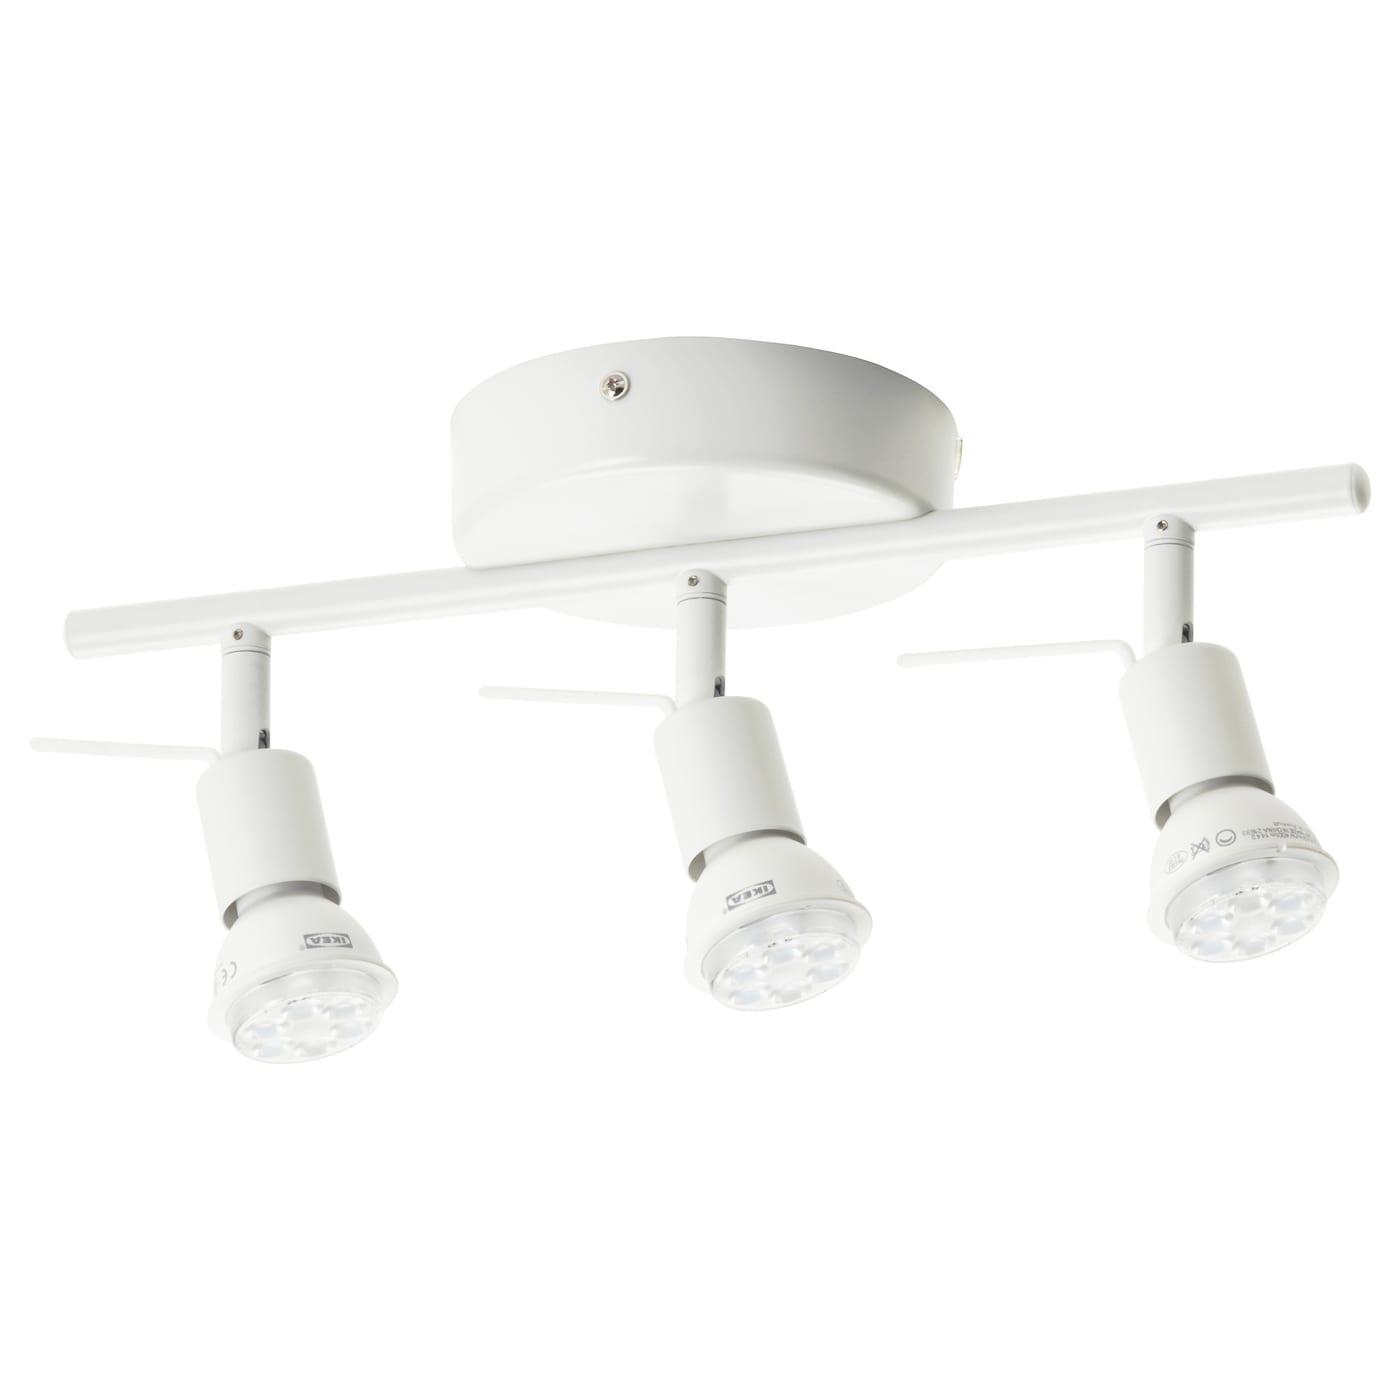 lighting from ikea. IKEA TROSS Ceiling Track, 3-spots Lighting From Ikea I